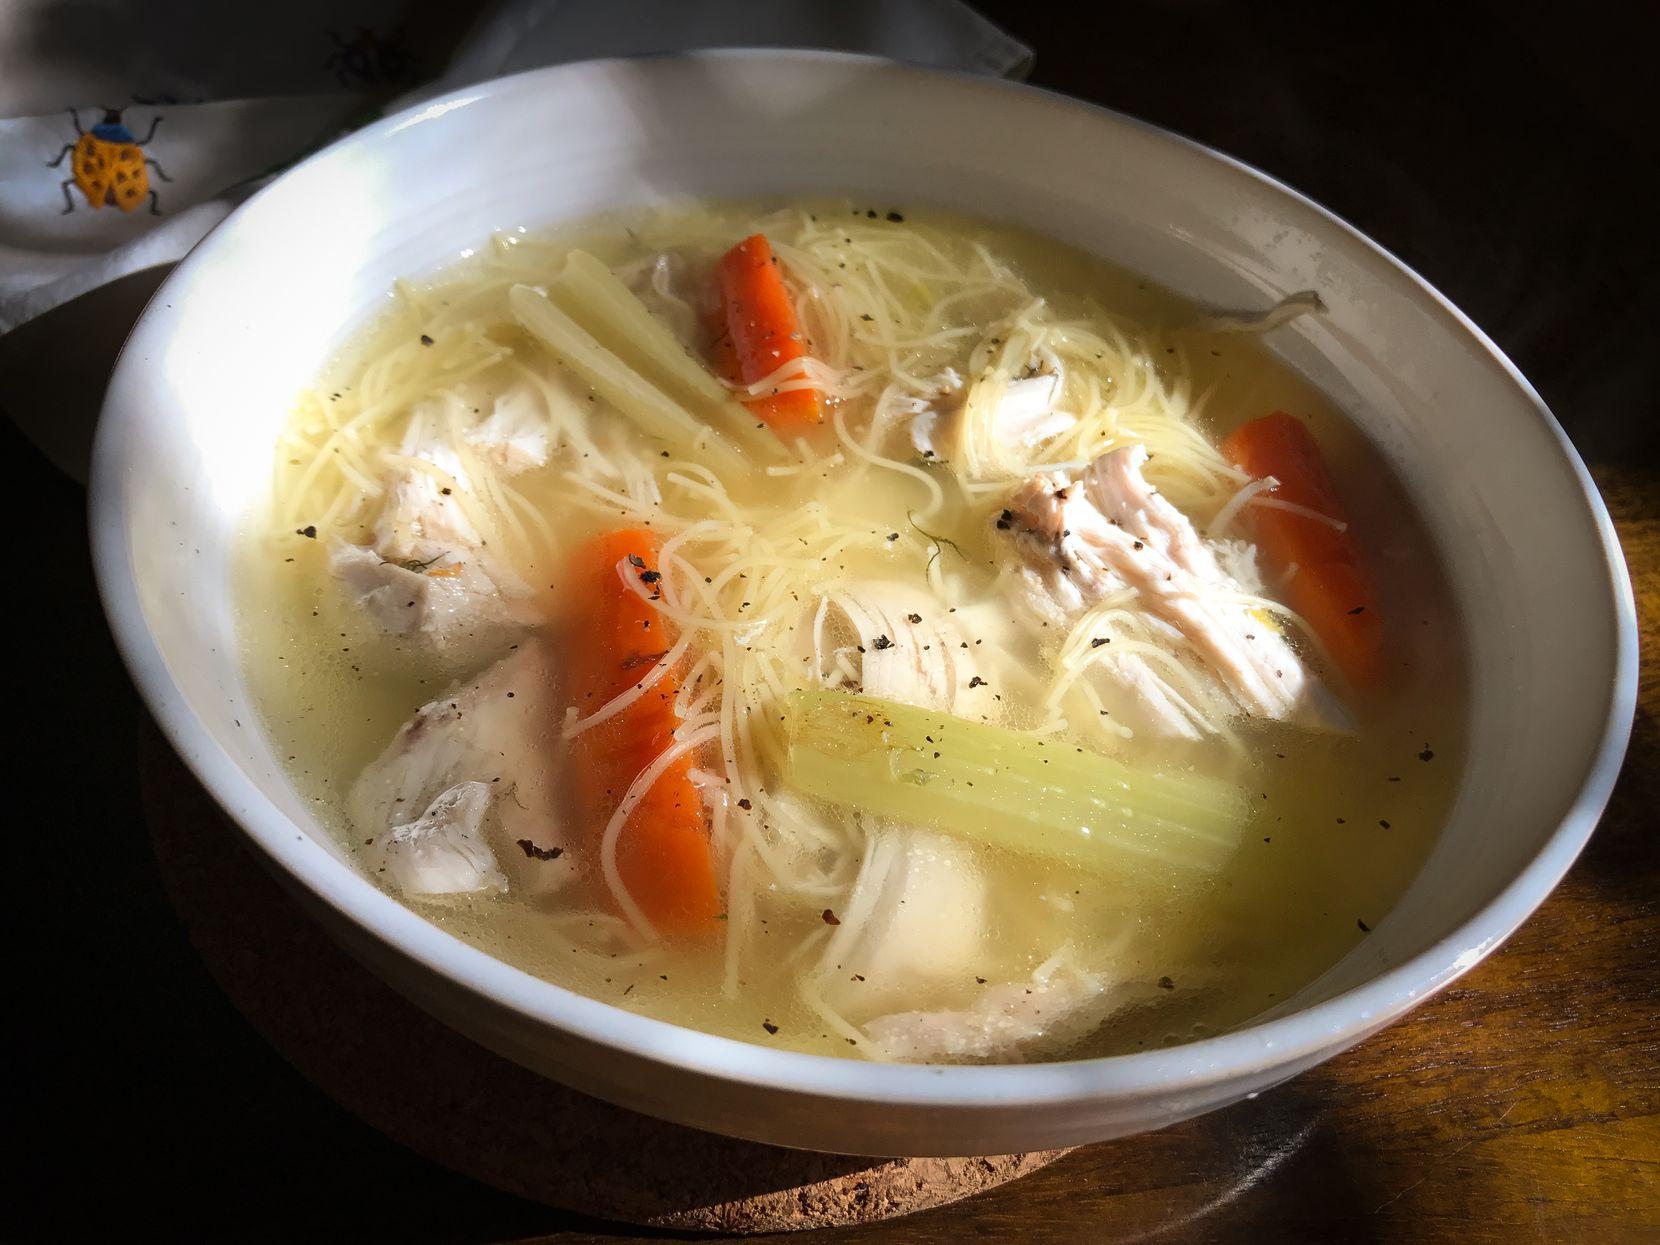 Leslie Brenner's chicken soup